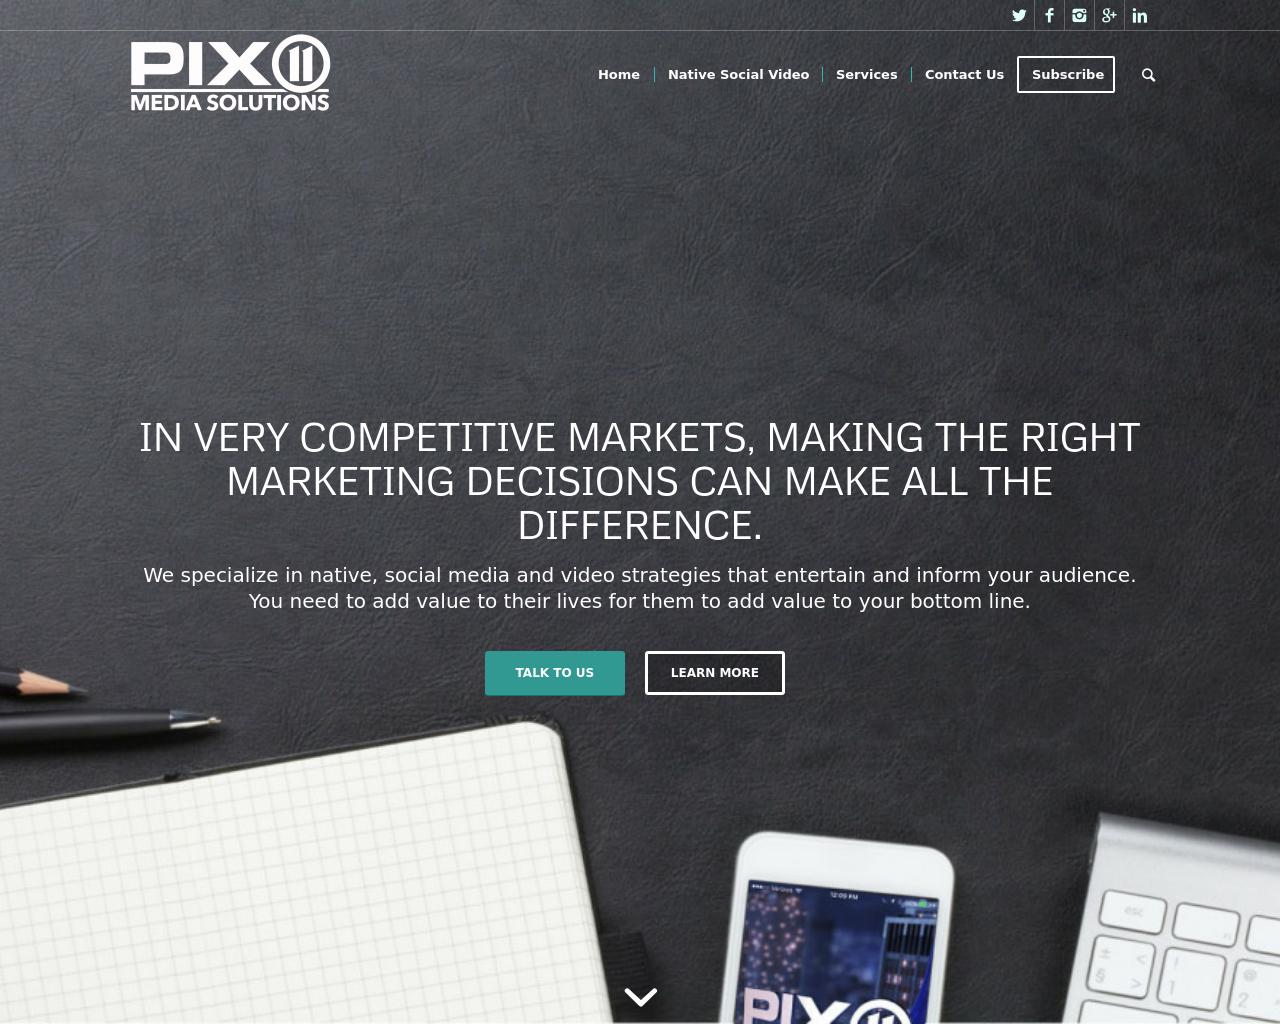 Pix11-Advertising-Reviews-Pricing